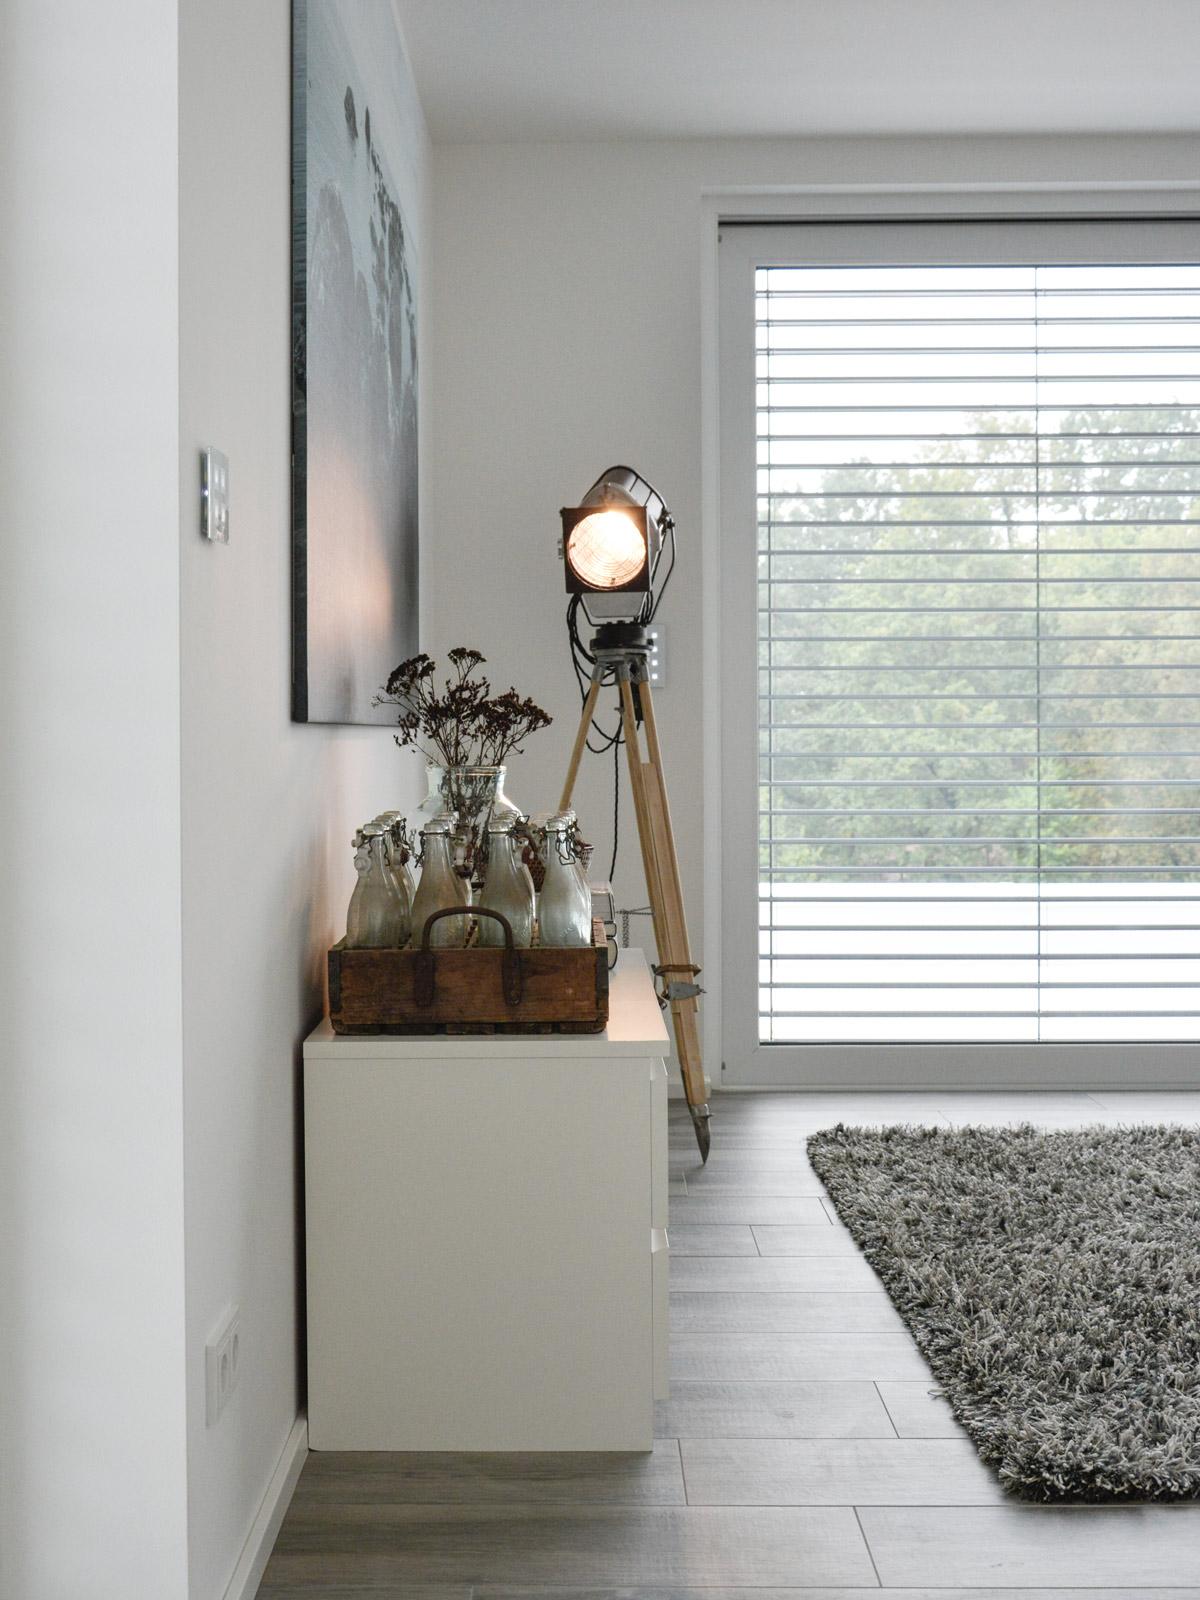 dekoration industrial meets scandidesign mxliving. Black Bedroom Furniture Sets. Home Design Ideas